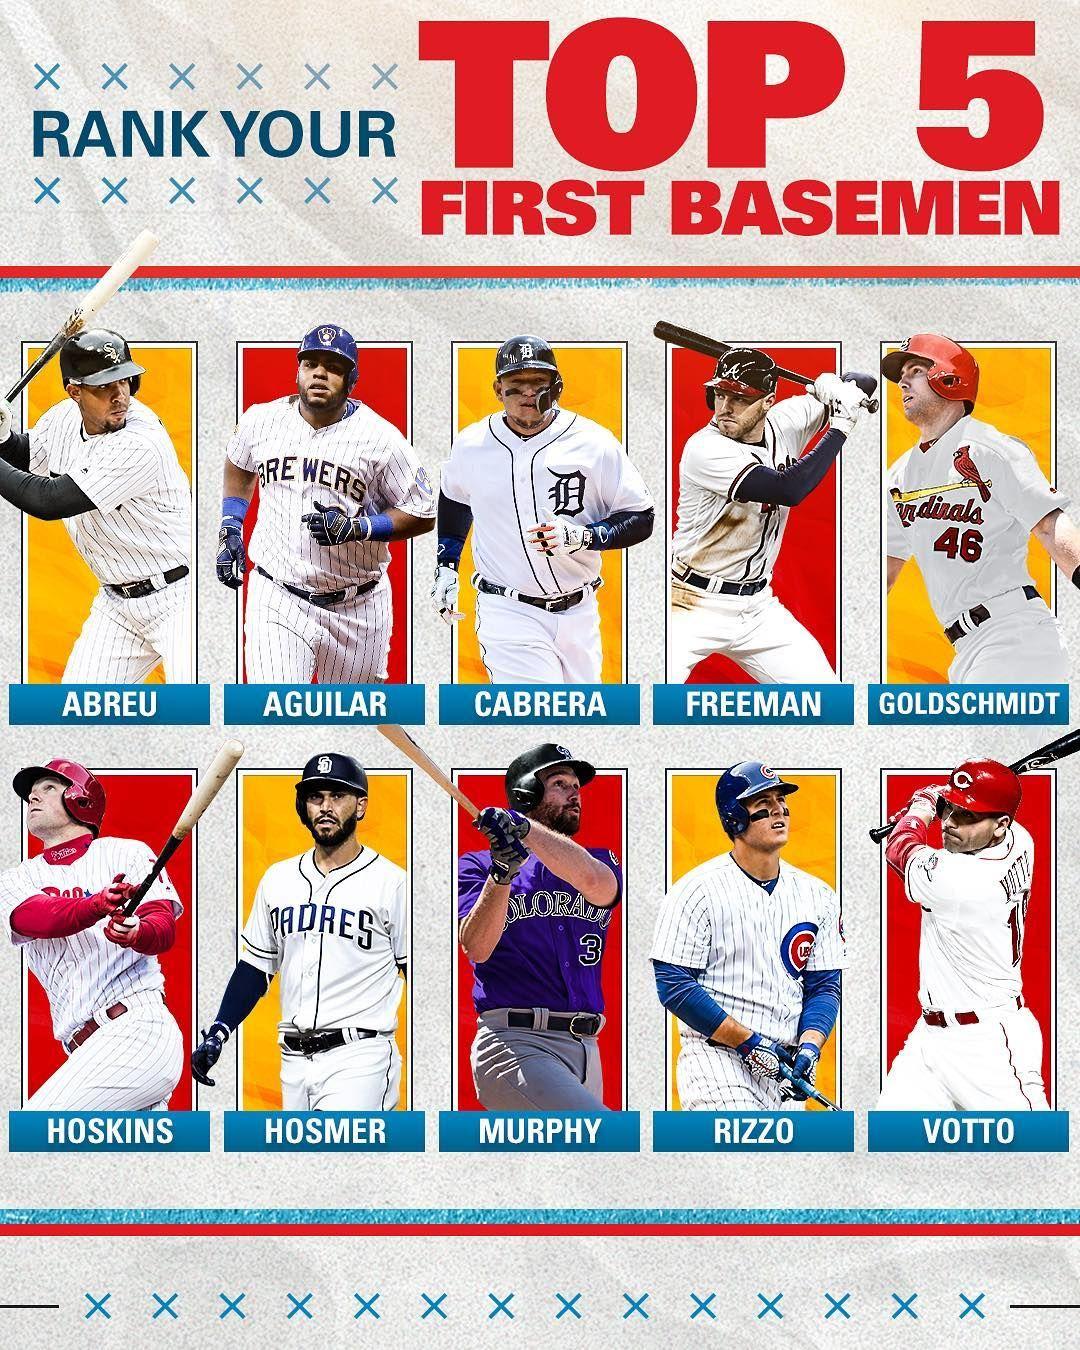 Mlb Who S On First Who S On First Baseball Big4 Bigfour Big4 Bigfour Big4 Bigfour Majorle Whos On First Major League Baseball Mlb